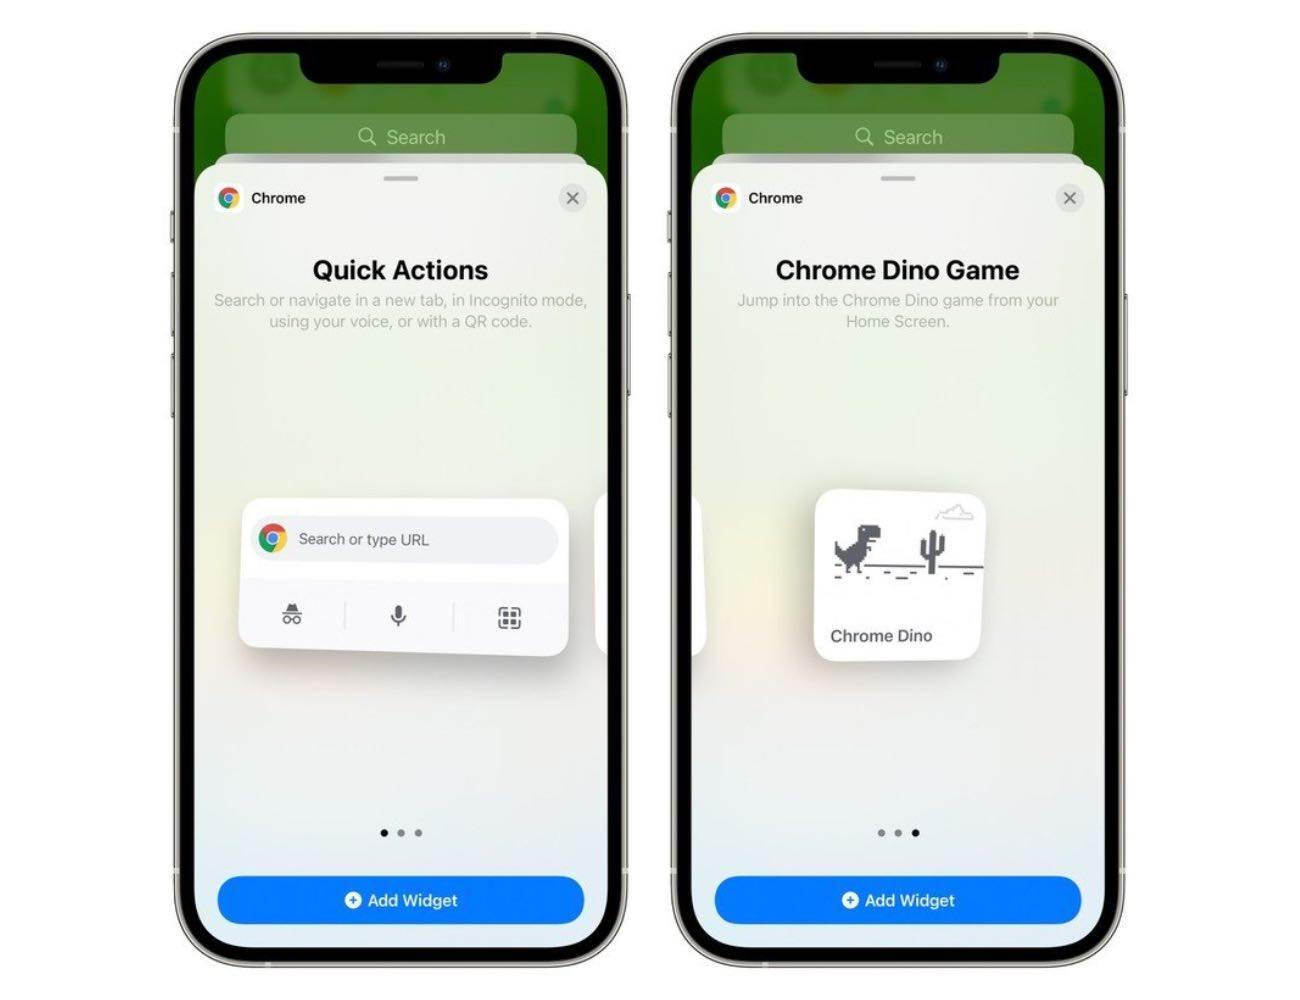 Google wypuszcza Chrome 90 dla iOS z nowymi widżetami polecane, ciekawostki widgety, iOS, Chrome  Firma Google wydała zaktualizowaną przeglądarkę Chrome 90 dla iPhone'a, iPada i iPoda touch, dodając obsługę nowych widżetów dla urządzeń z systemem iOS 14. chrome 1